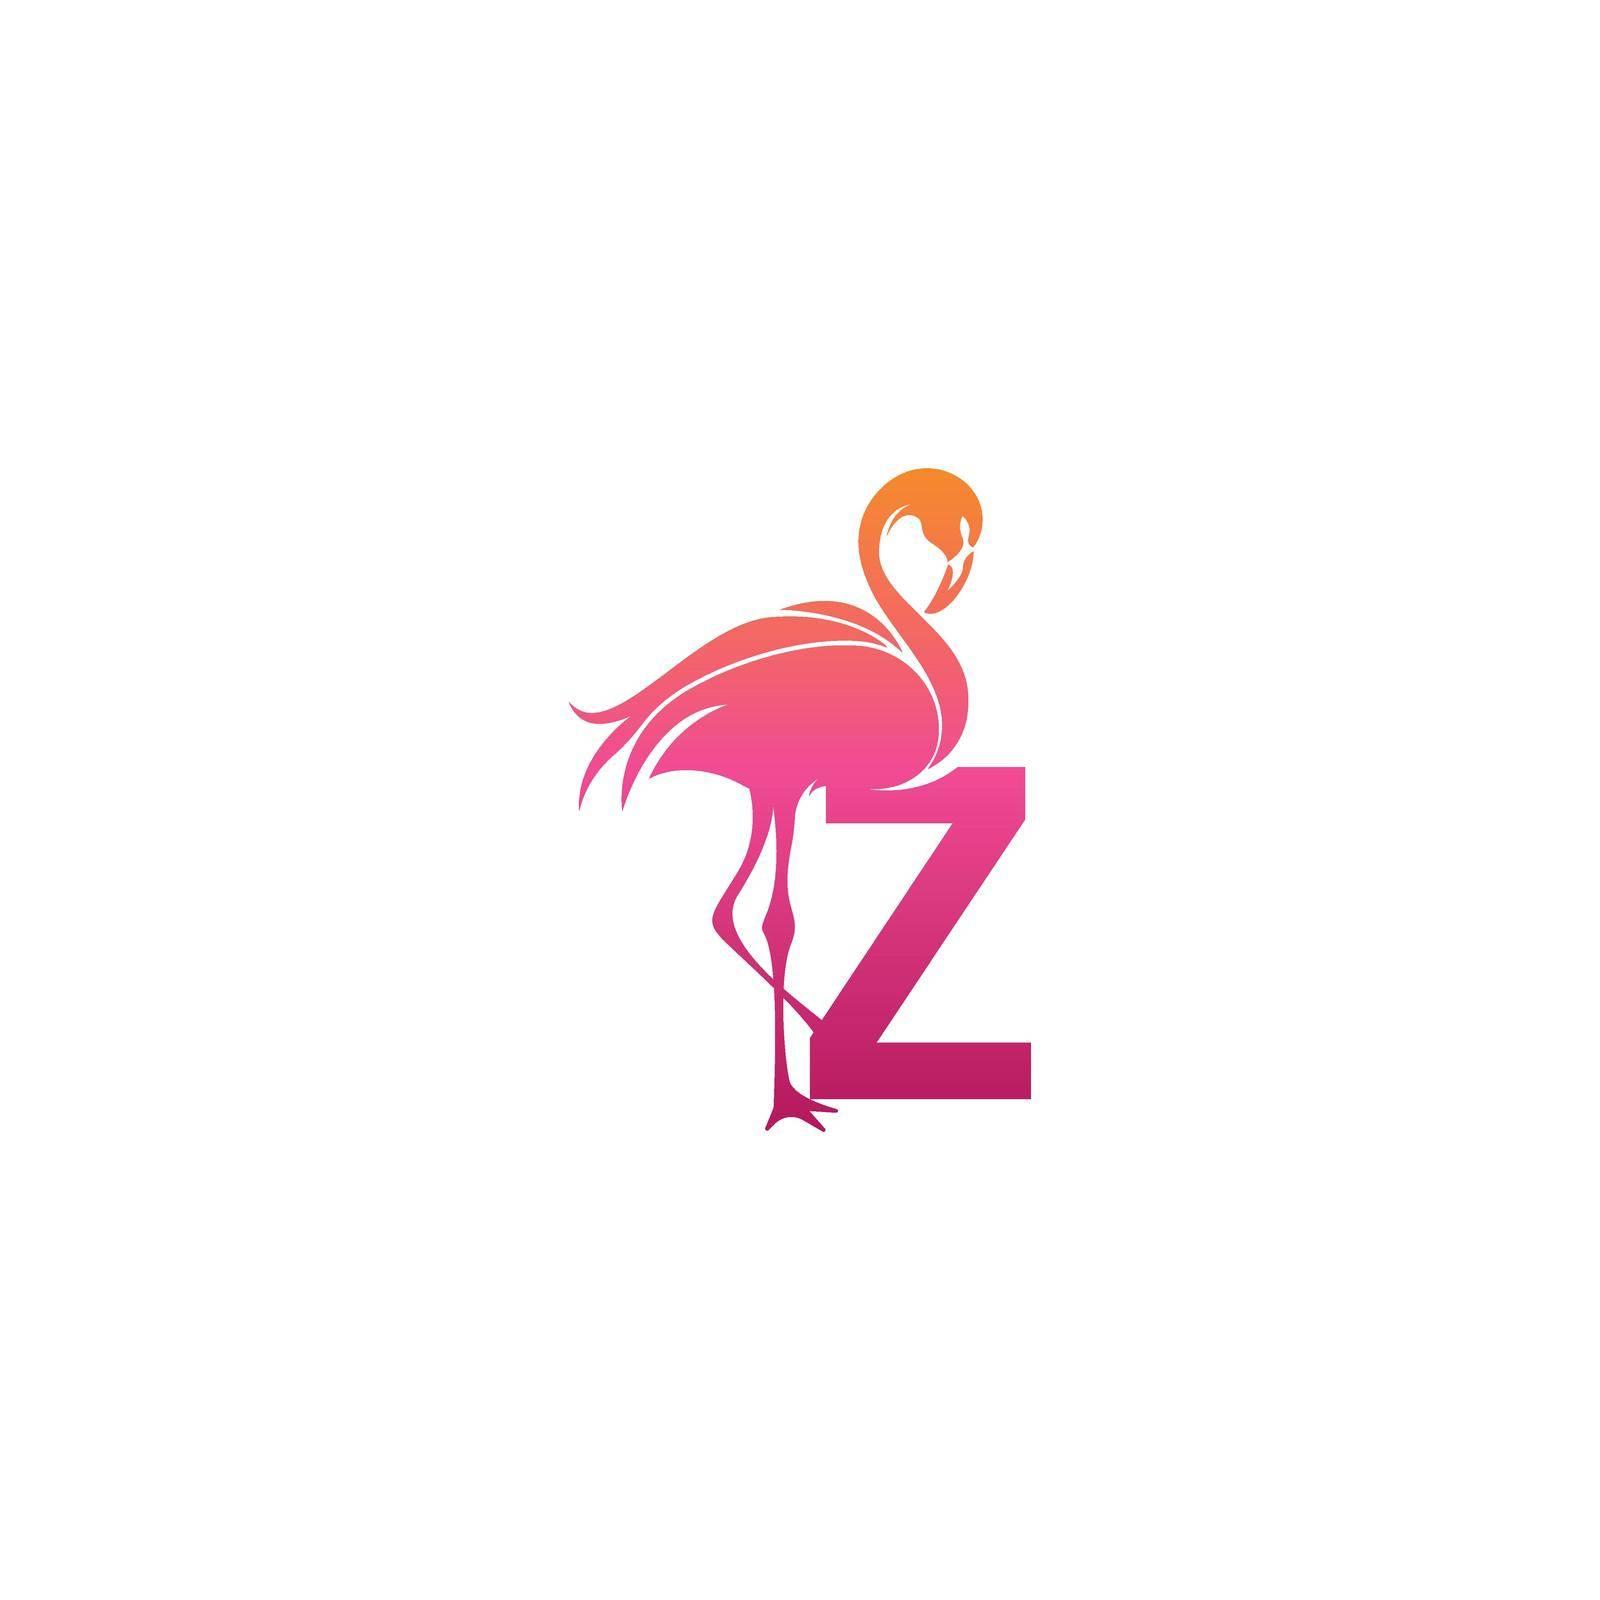 Flamingo bird icon with letter Z Logo design vector template